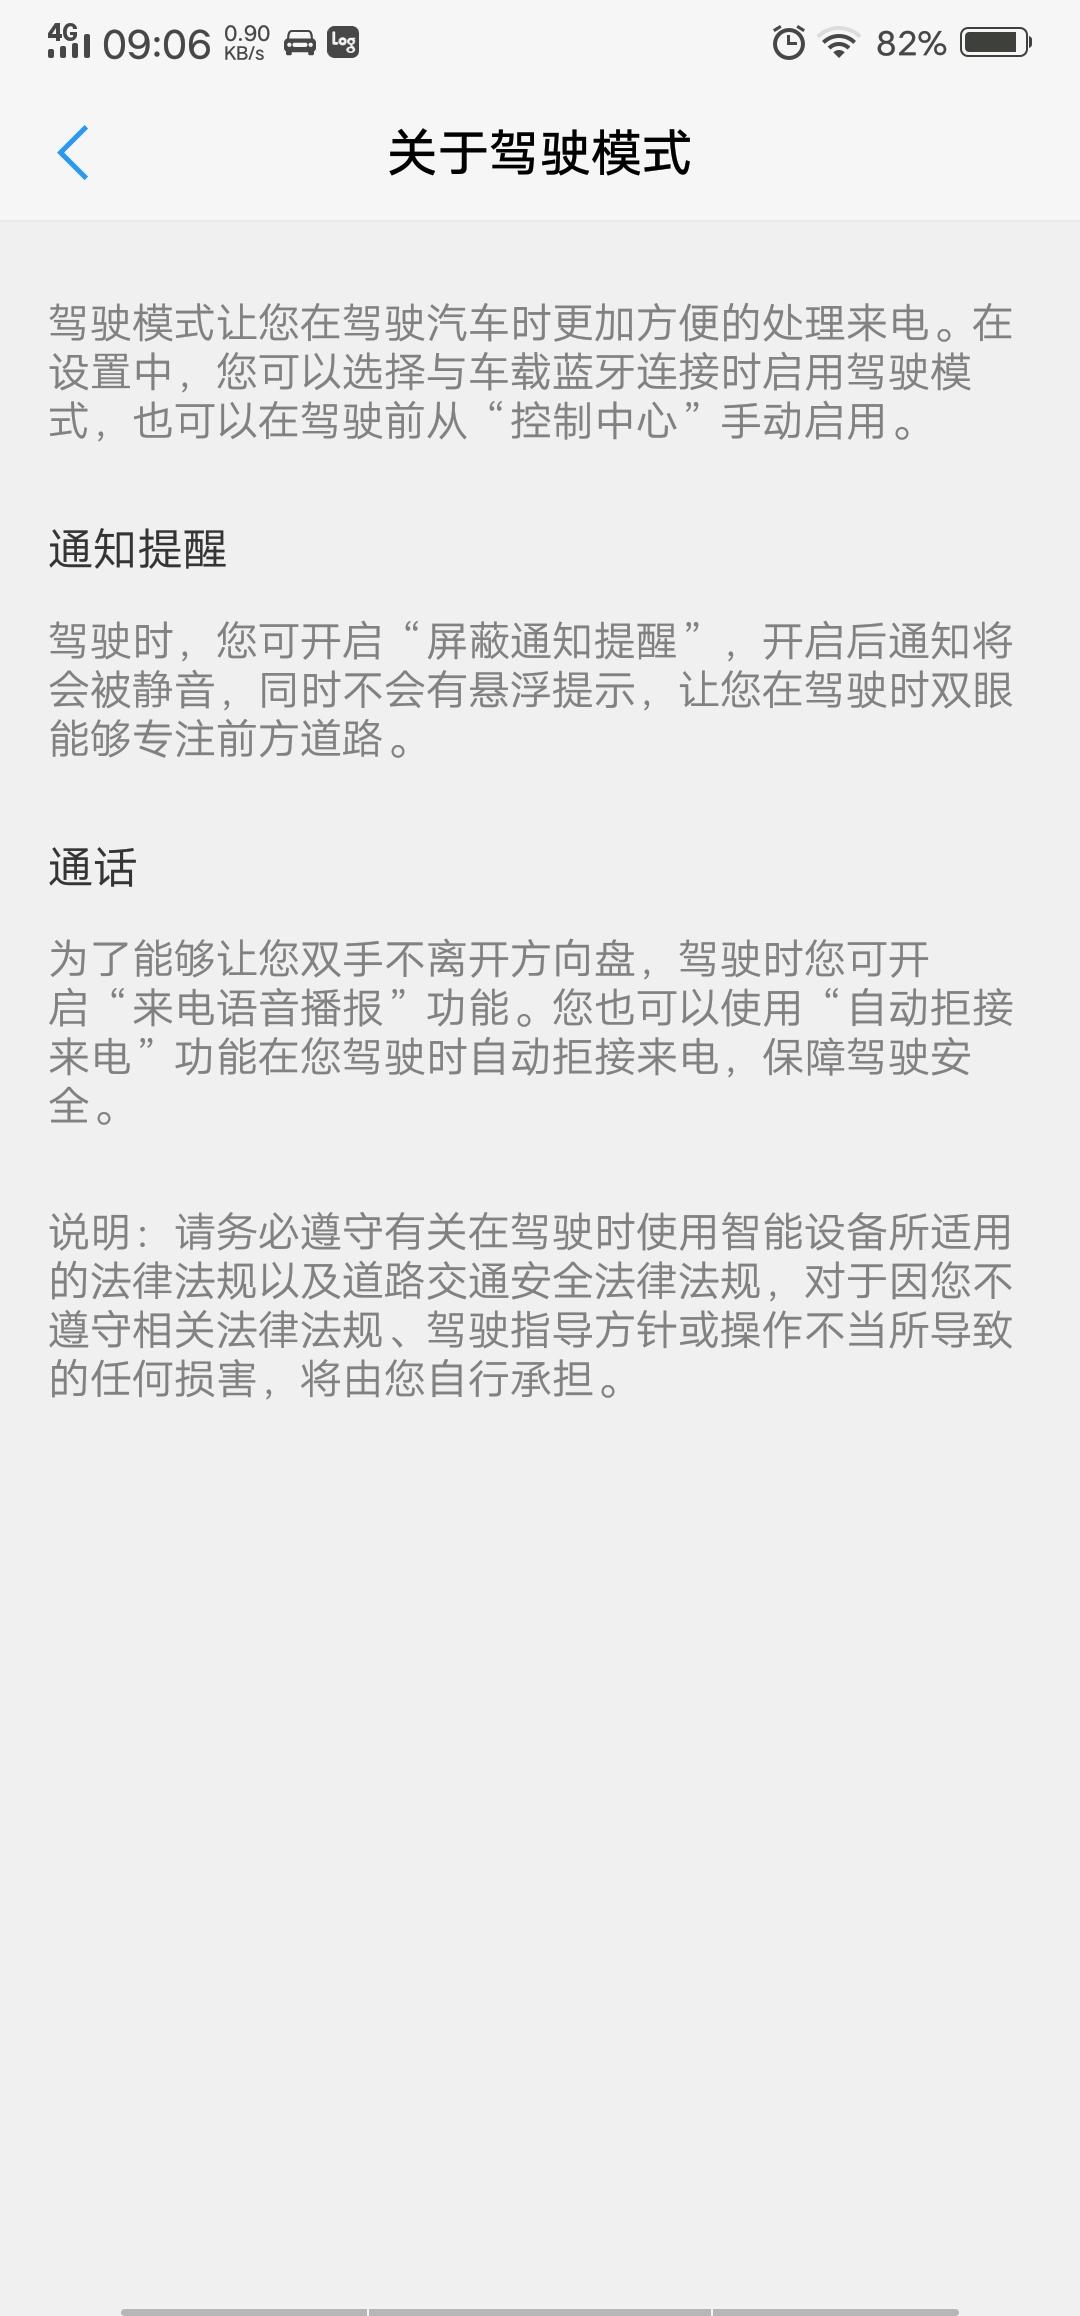 Screenshot_20180708_090604.jpg